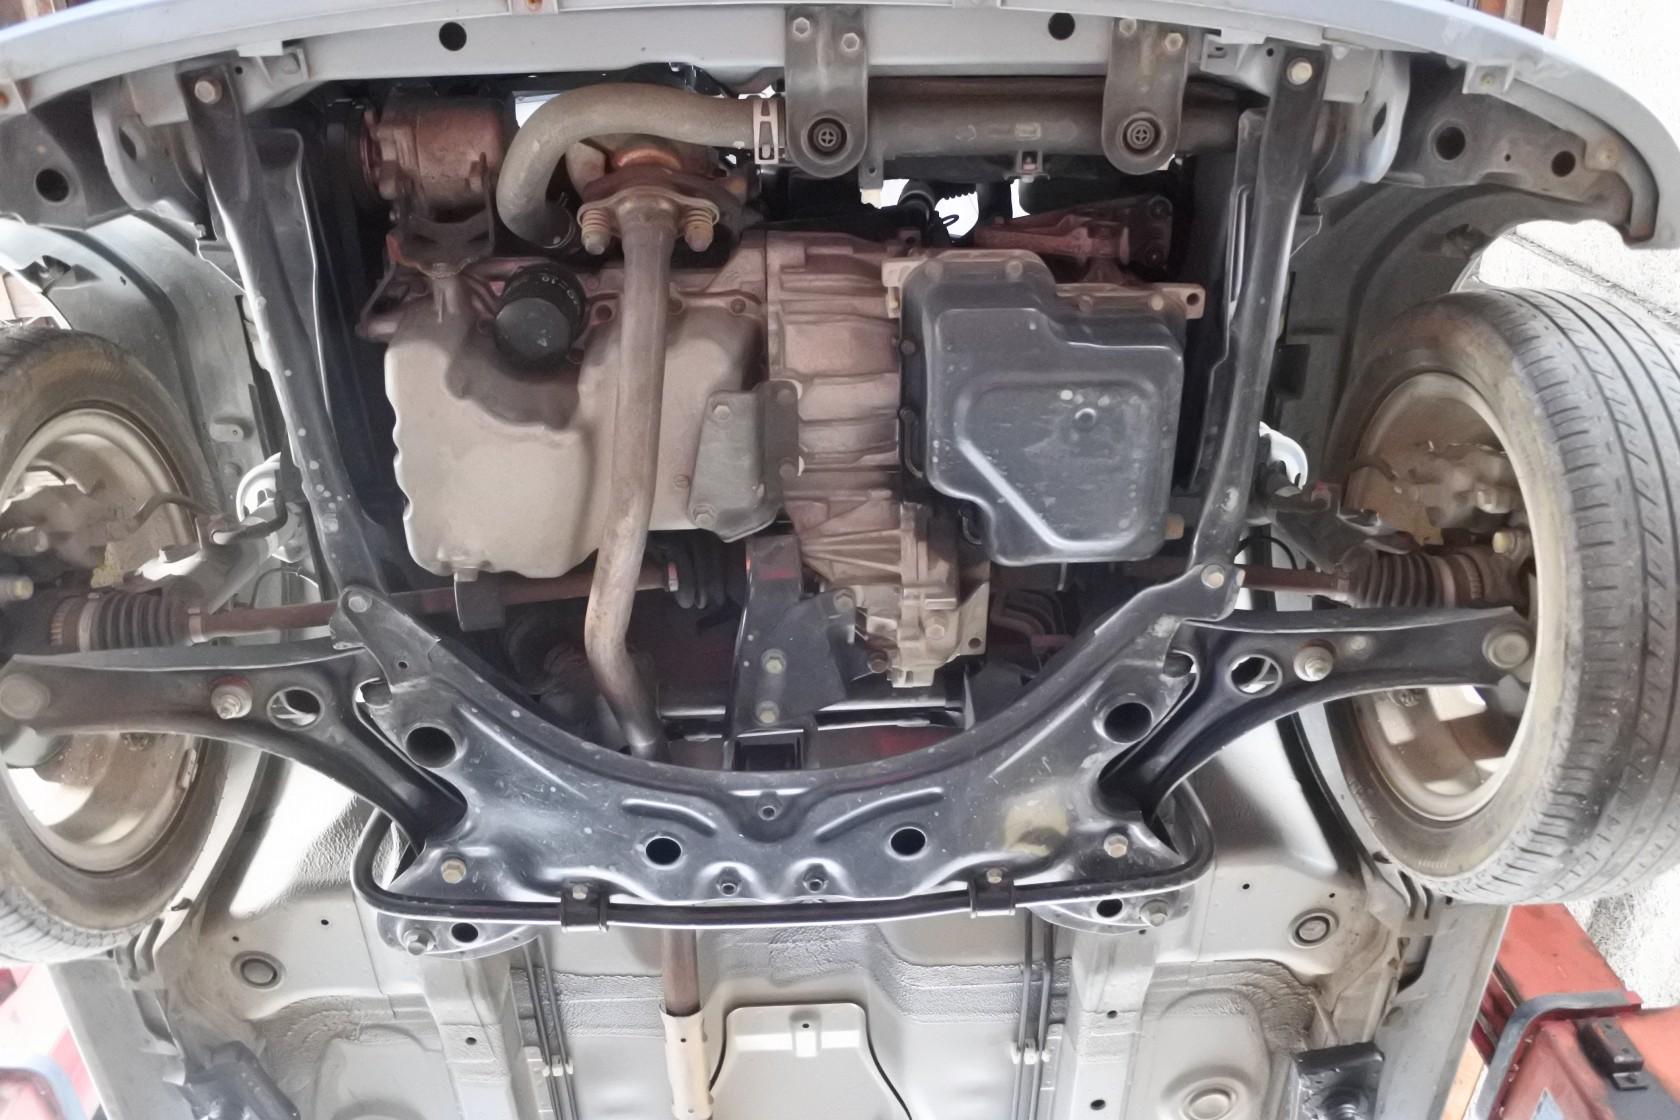 中古車 ワゴンR 車体下エンジン